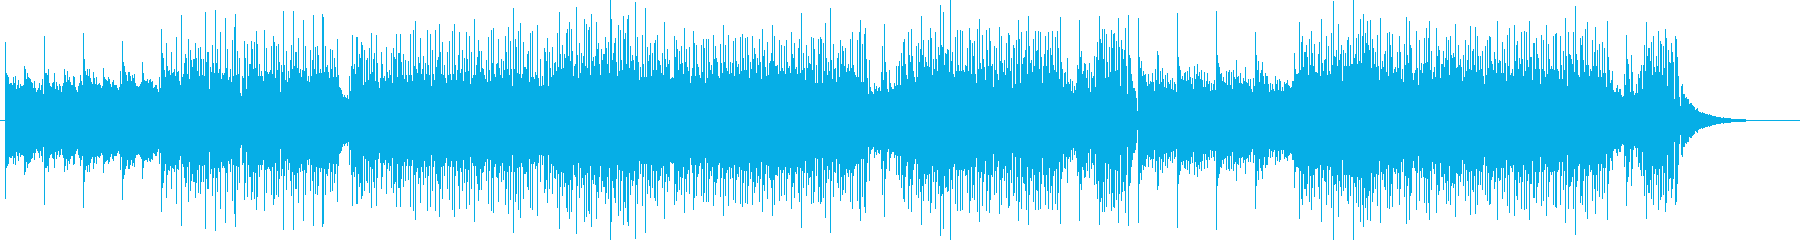 和風ゲームのメインにはなれない曲wスカ…の再生済みの波形